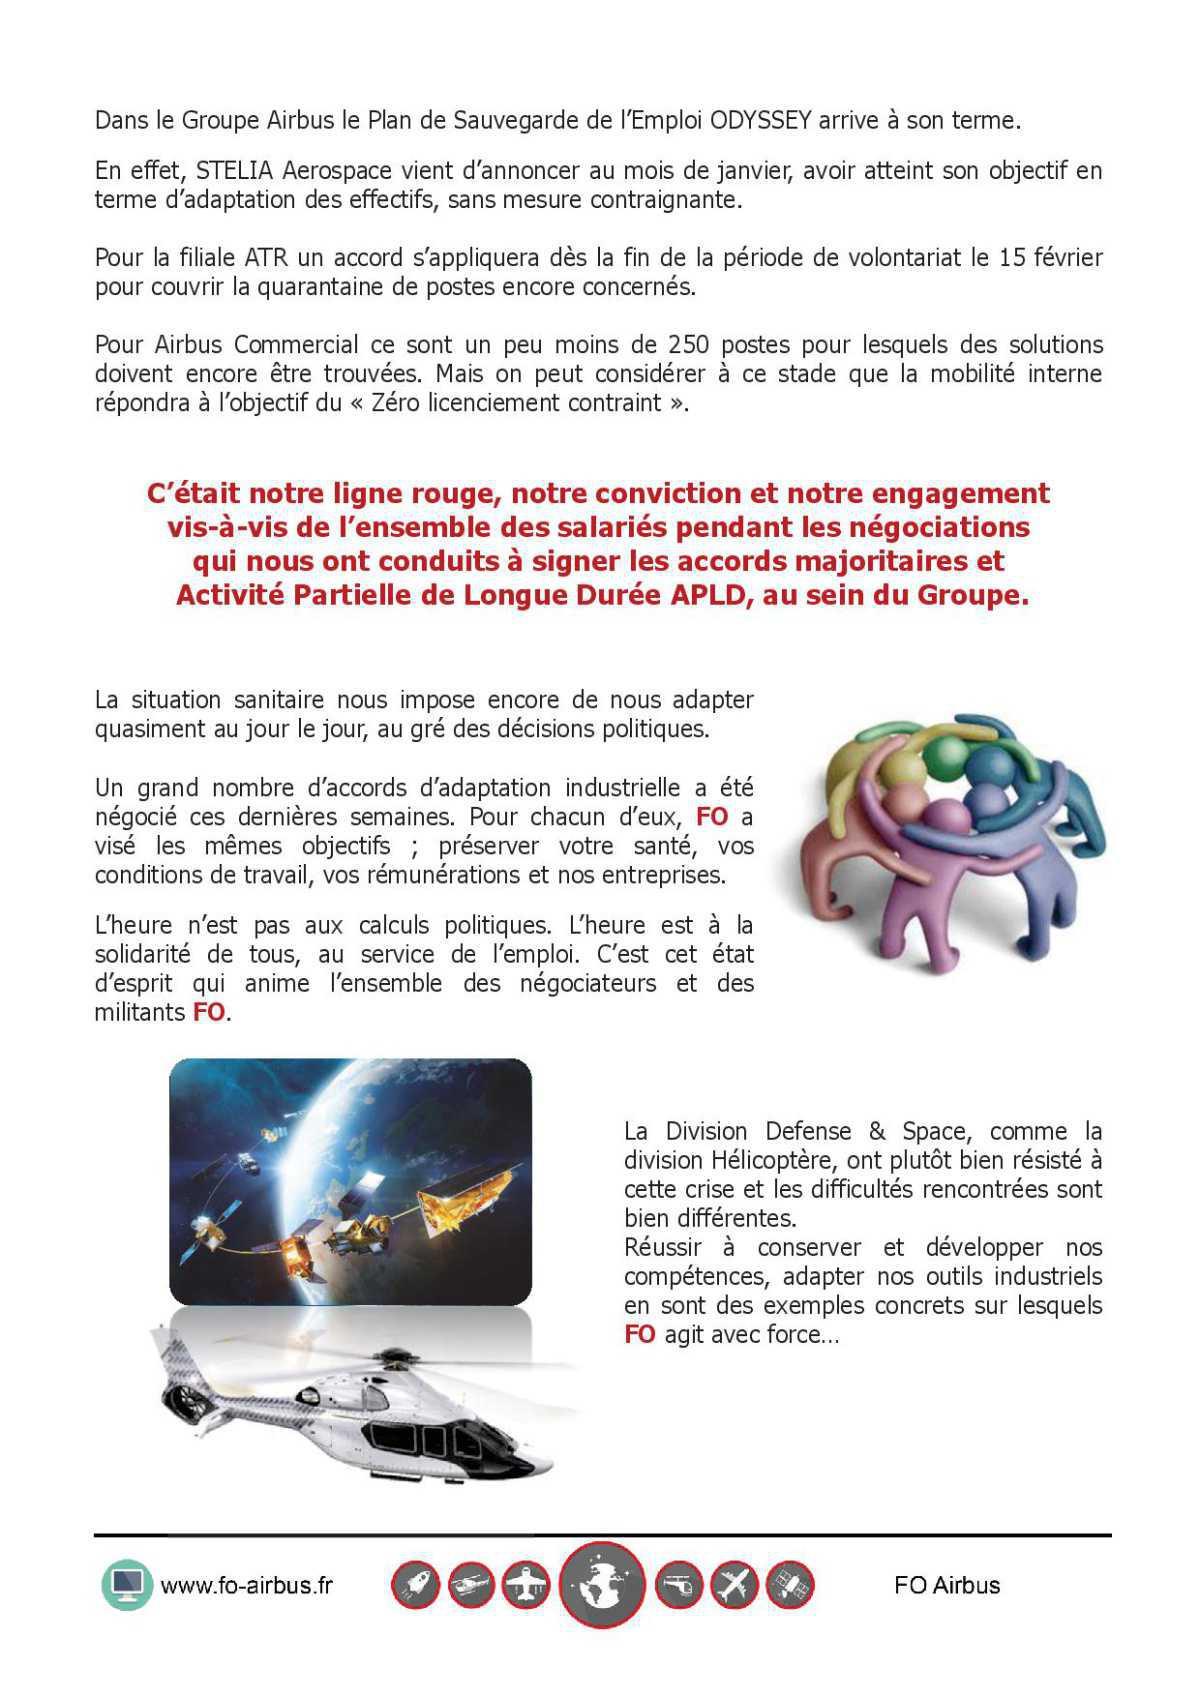 CAPITALISER LA CRISE POUR RENFORCER AIRBUS